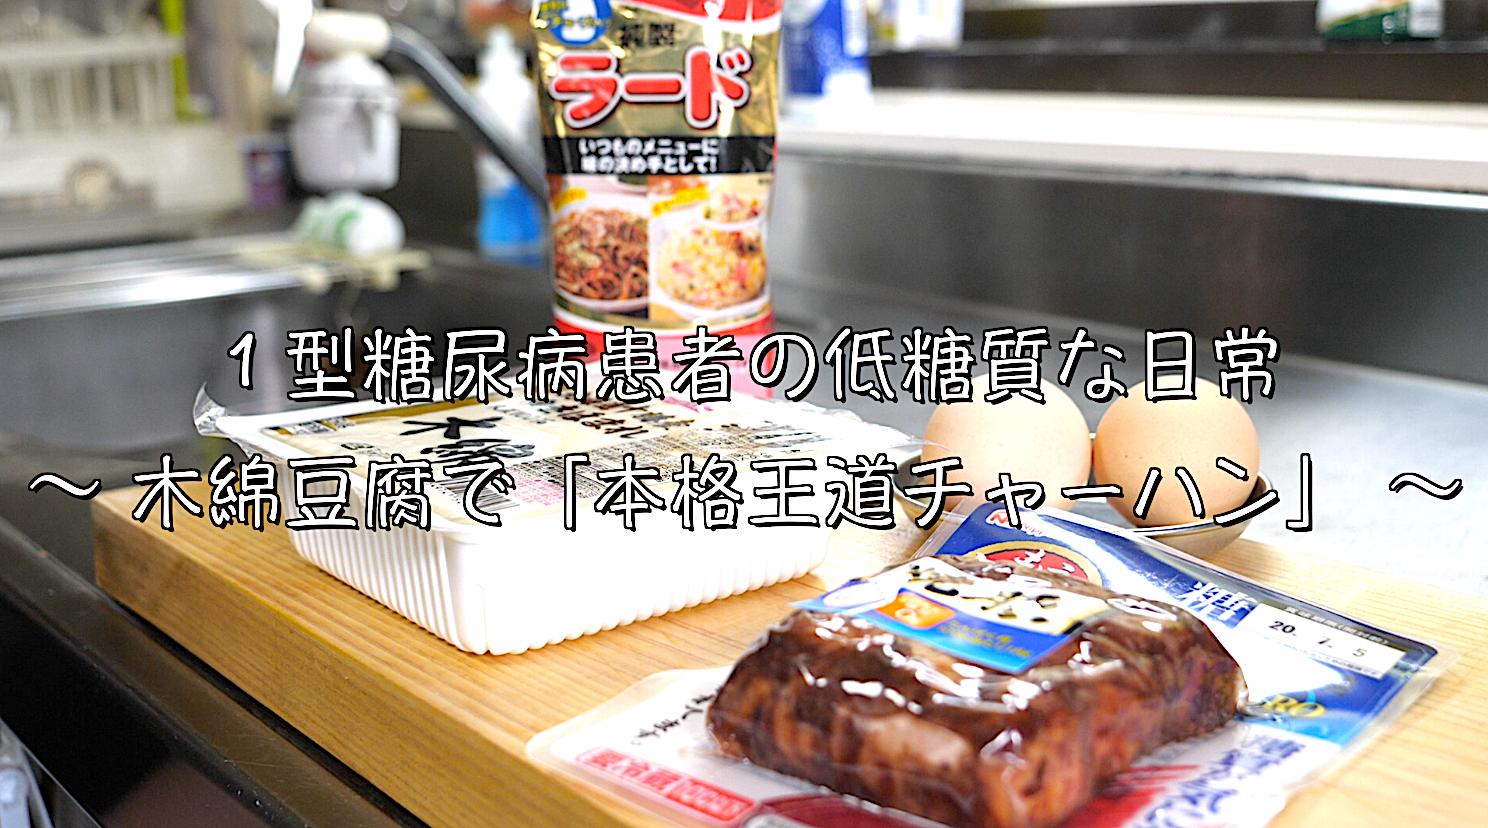 豆腐 チャーハン ダイエット 糖質制限 レシピ